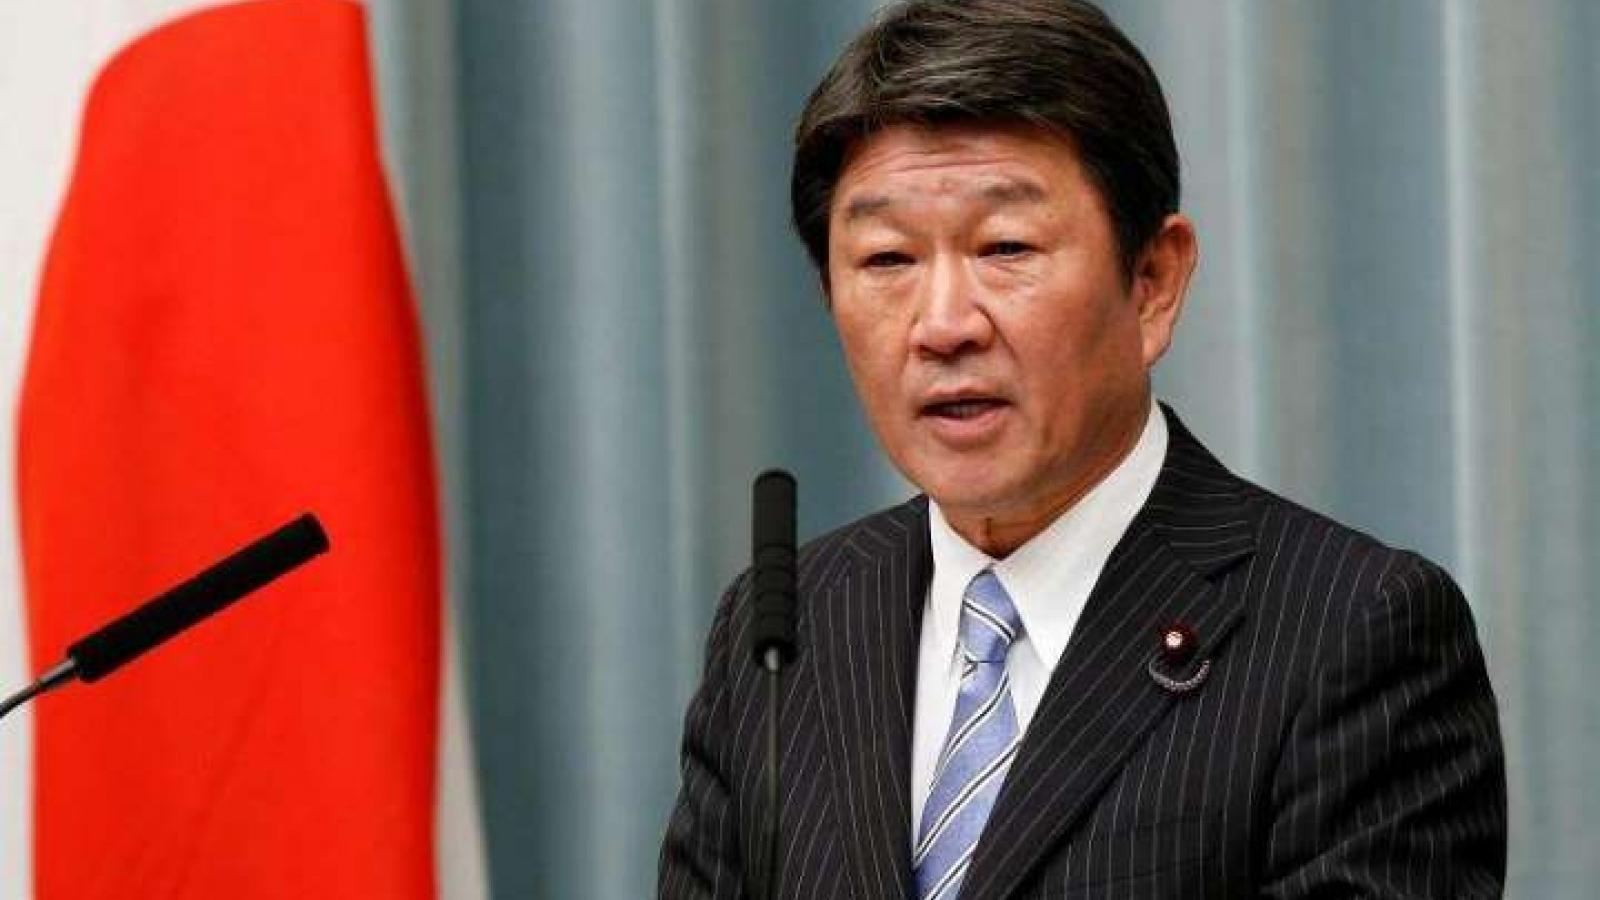 Nhật Bản ủng hộ lập trường của Mỹ về vấn đề Biển Đông